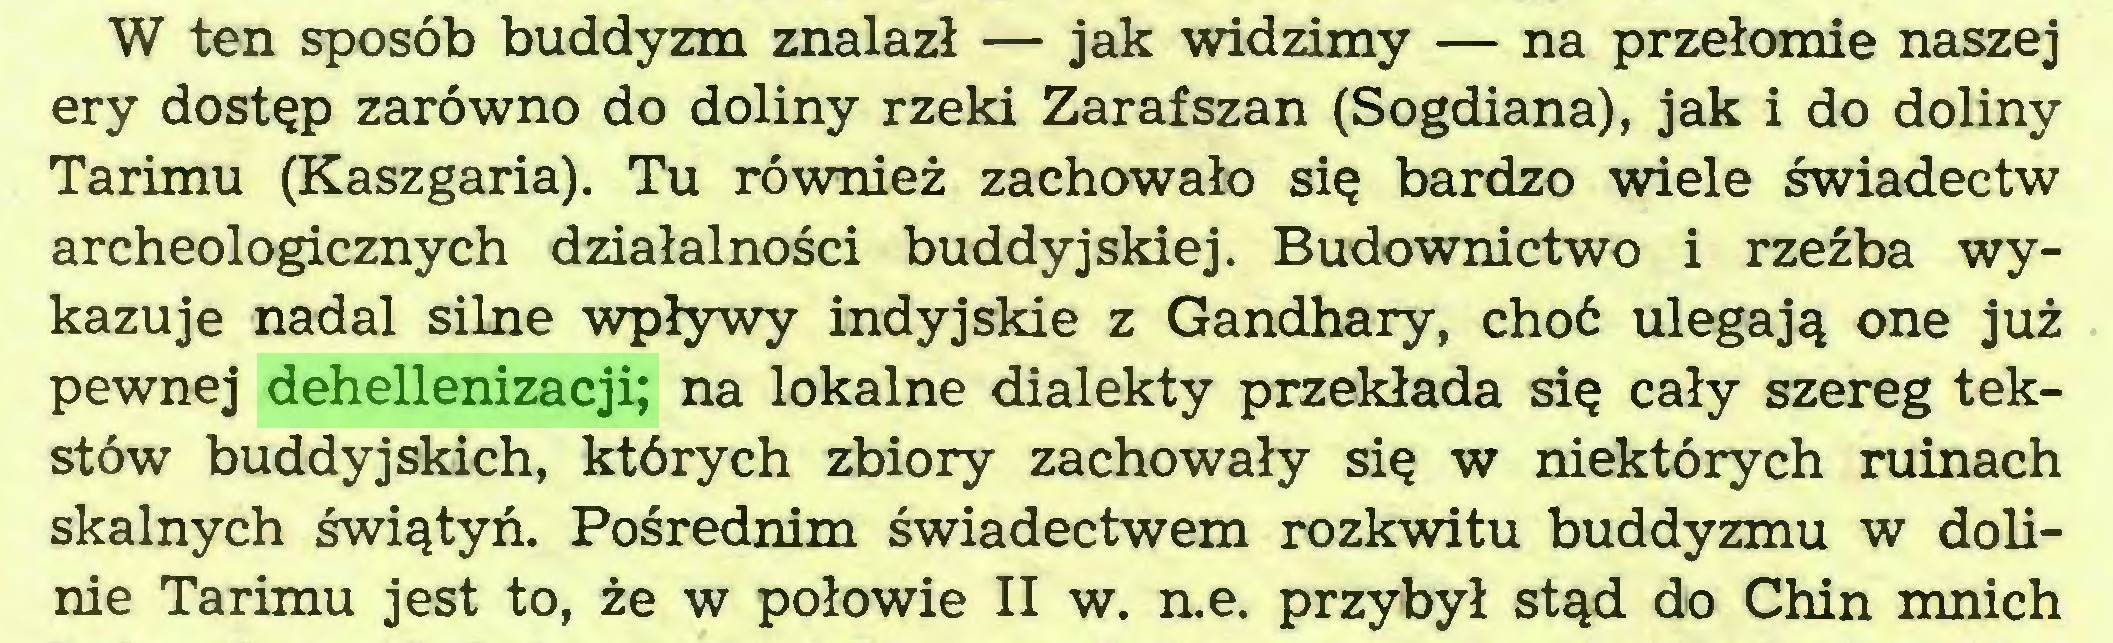 (...) W ten sposób buddyzm znalazł — jak widzimy — na przełomie naszej ery dostęp zarówno do doliny rzeki Zarafszan (Sogdiana), jak i do doliny Tarimu (Kaszgaria). Tu również zachowało się bardzo wiele świadectw archeologicznych działalności buddyjskiej. Budownictwo i rzeźba wykazuje nadal silne wpływy indyjskie z Gandhary, choć ulegają one już pewnej dehellenizacji; na lokalne dialekty przekłada się cały szereg tekstów buddyjskich, których zbiory zachowały się w niektórych ruinach skalnych świątyń. Pośrednim świadectwem rozkwitu buddyzmu w dolinie Tarimu jest to, że w połowie II w. n.e. przybył stąd do Chin mnich...